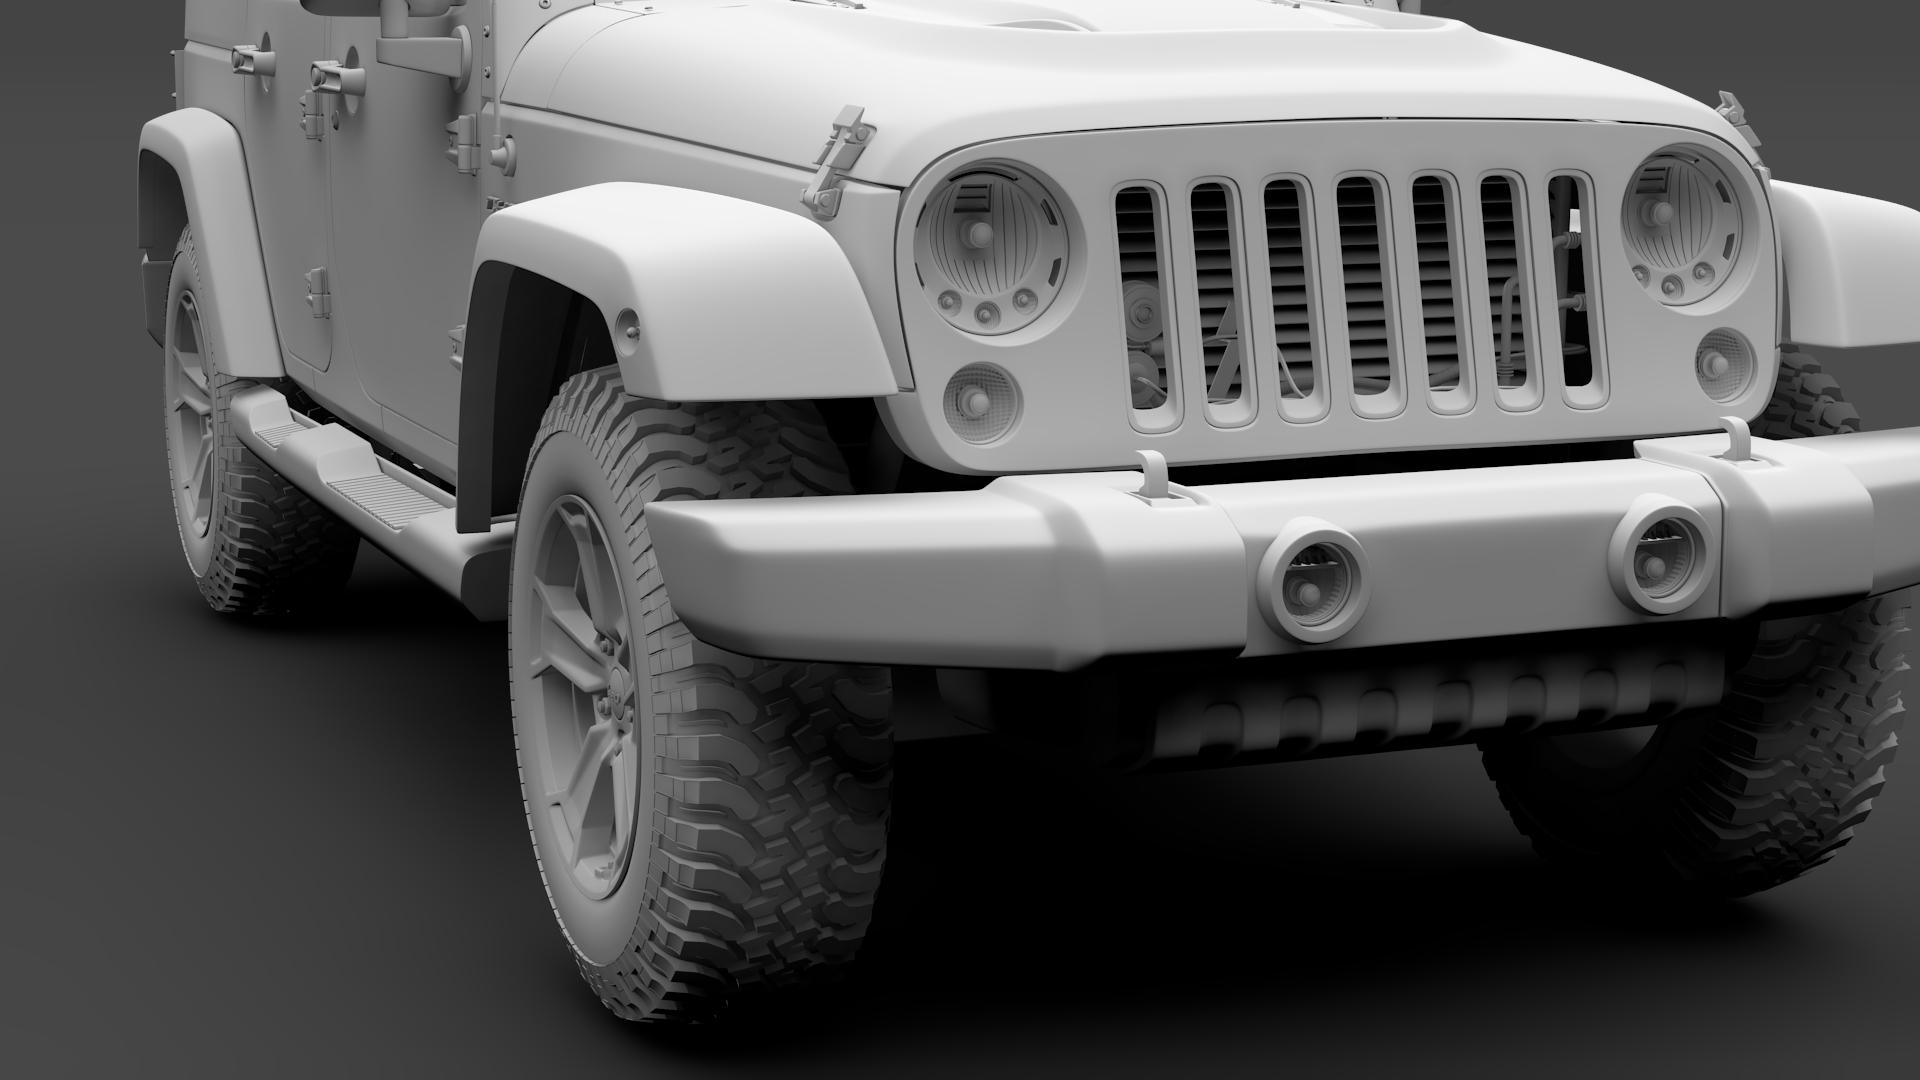 jeep wrangler unlimited chief jk 2017 3d model max fbx c4d lwo ma mb hrc xsi obj 276985